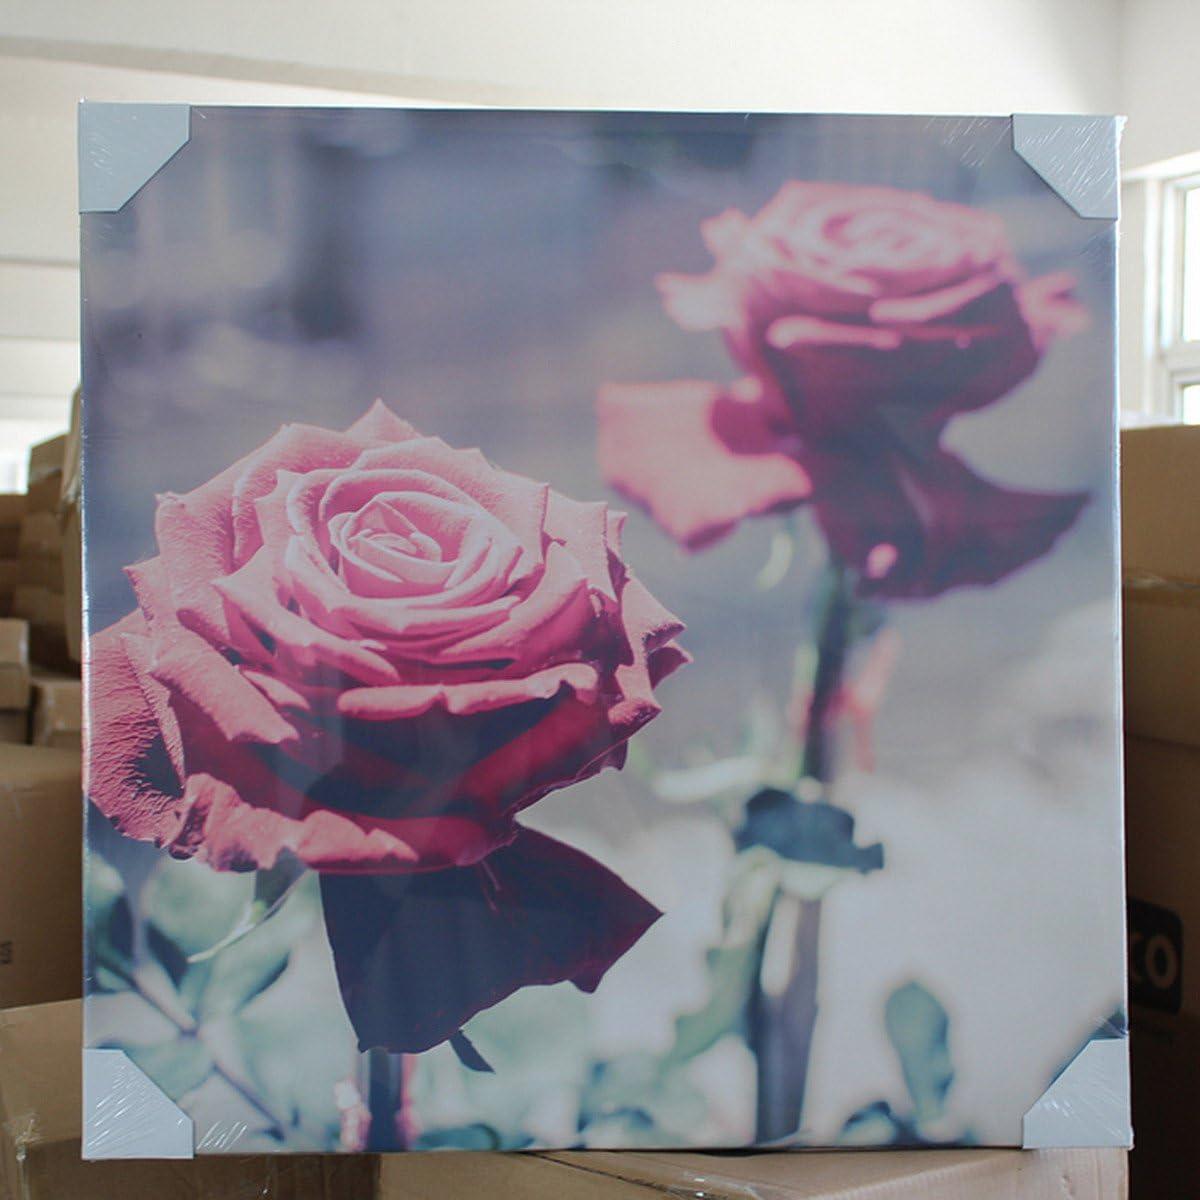 Tela dArtista Rettangolare per Pittura ad Olio Cornice di Tela per Dipingere 15x15cm KINGSO Tele per Dipinto Pittura con Cornice in Legno